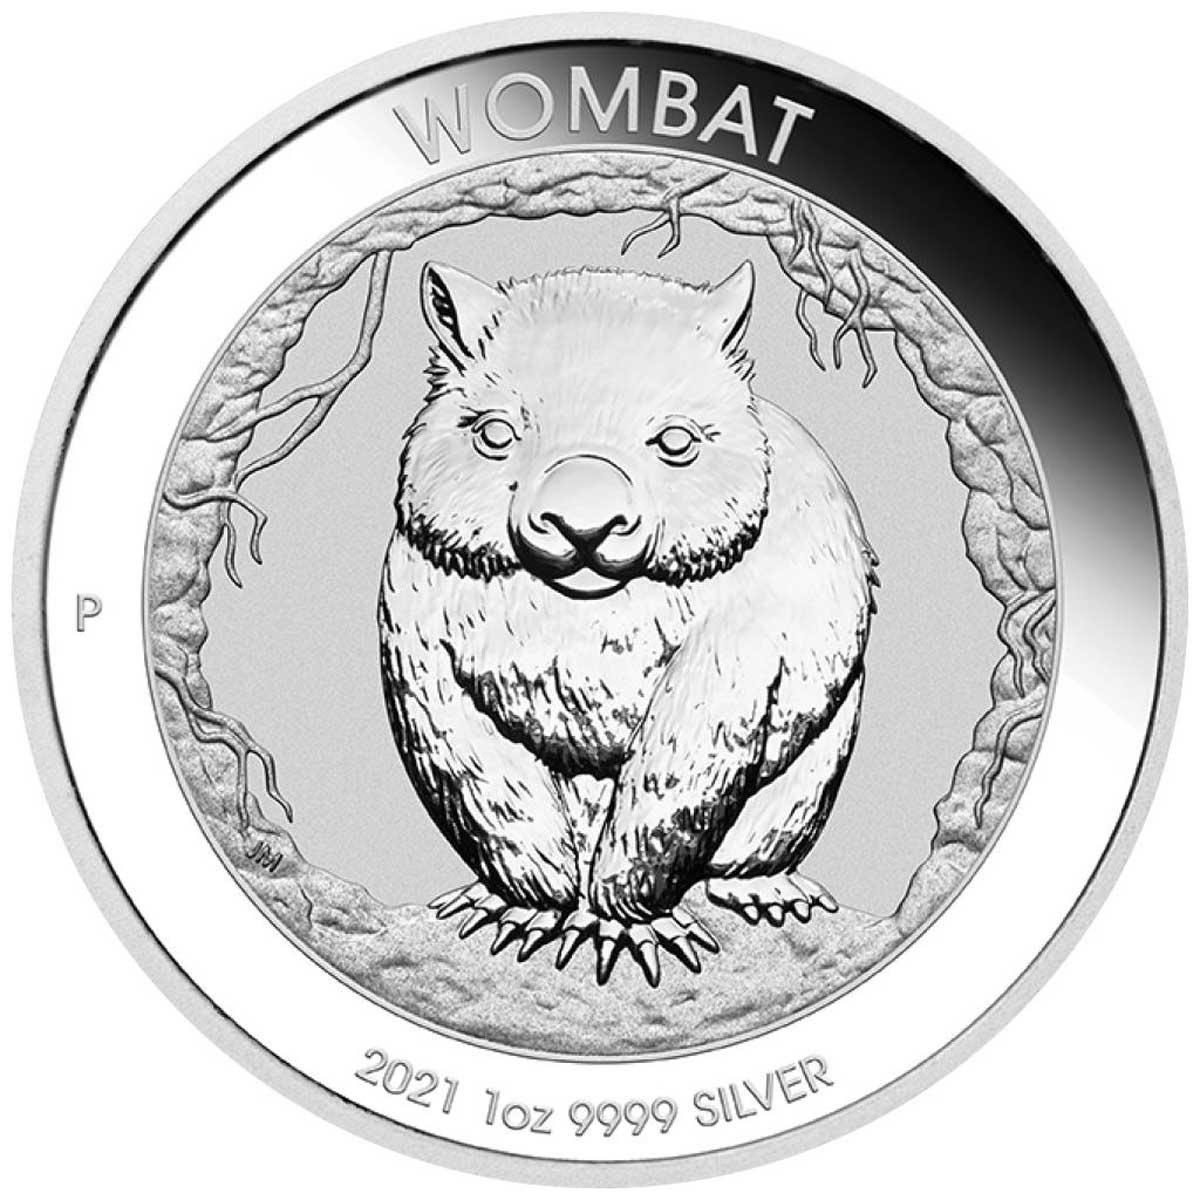 Австралия монета 1 доллар Вомбат, реверс